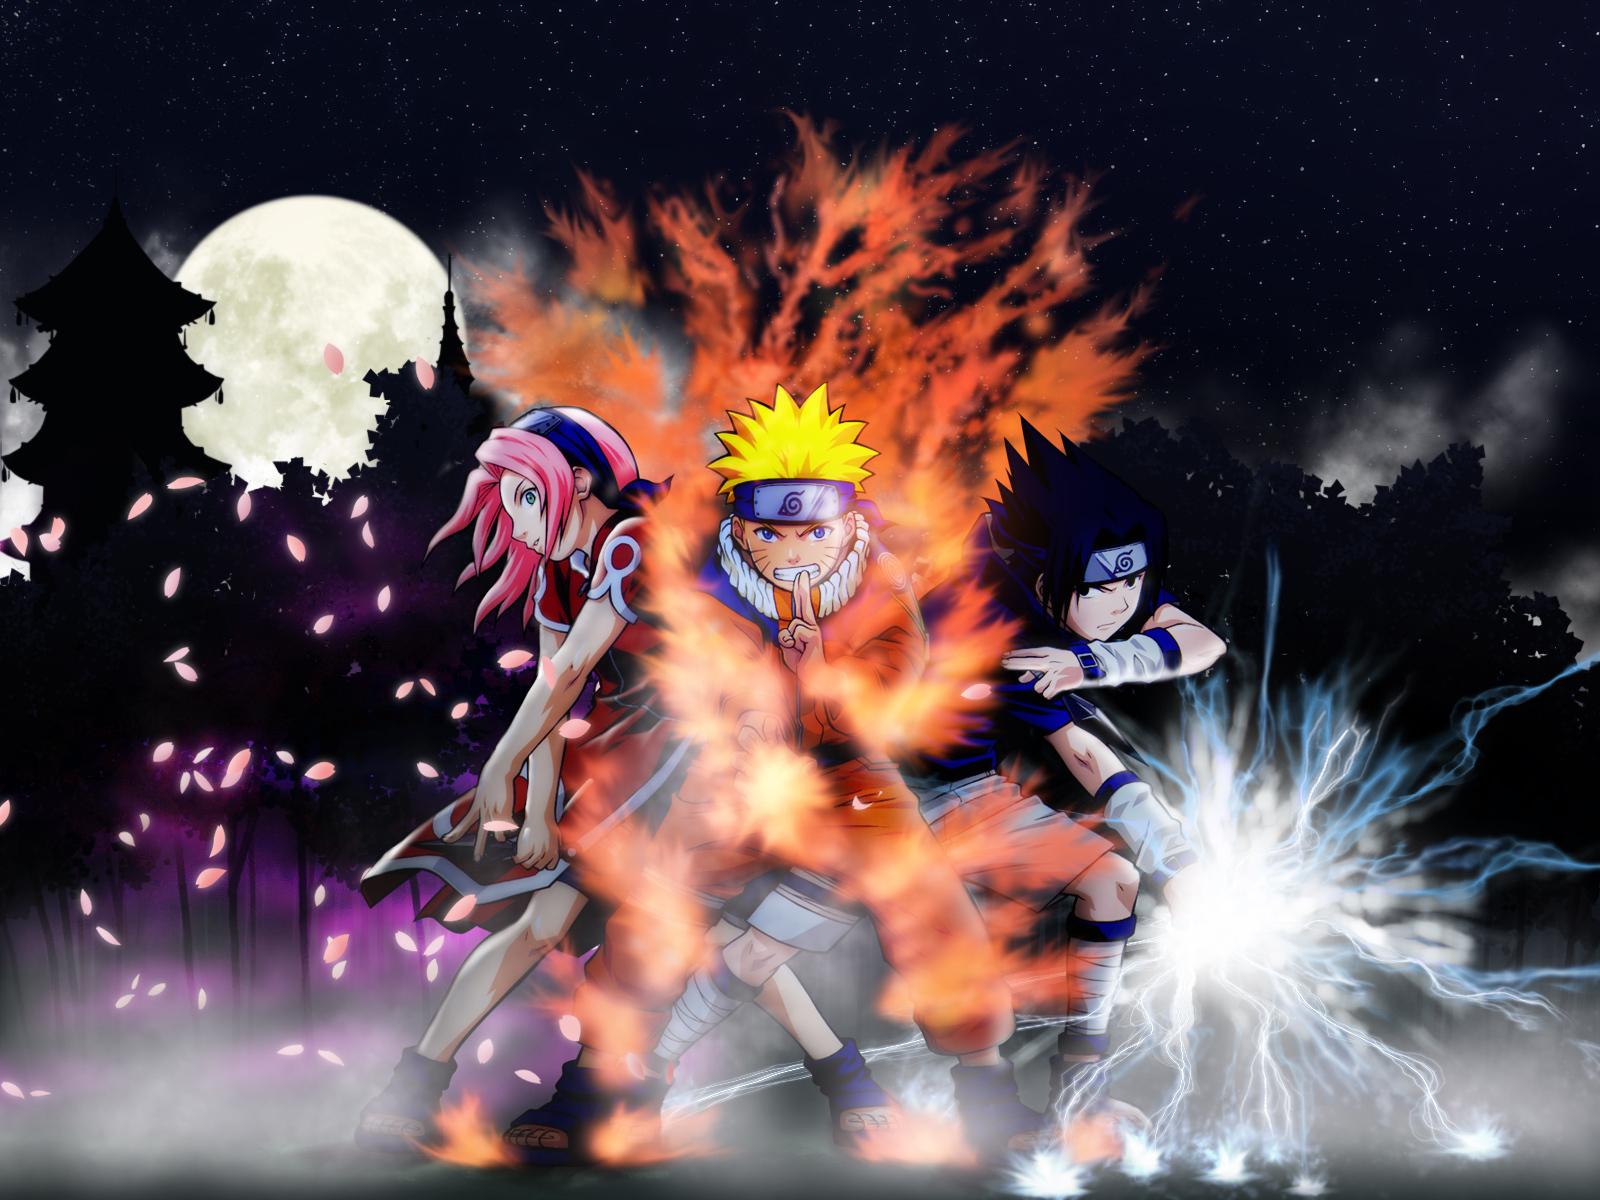 Sakura Naruto Sasuke   Naruto Shippuuden Photo 6717067 1600x1200